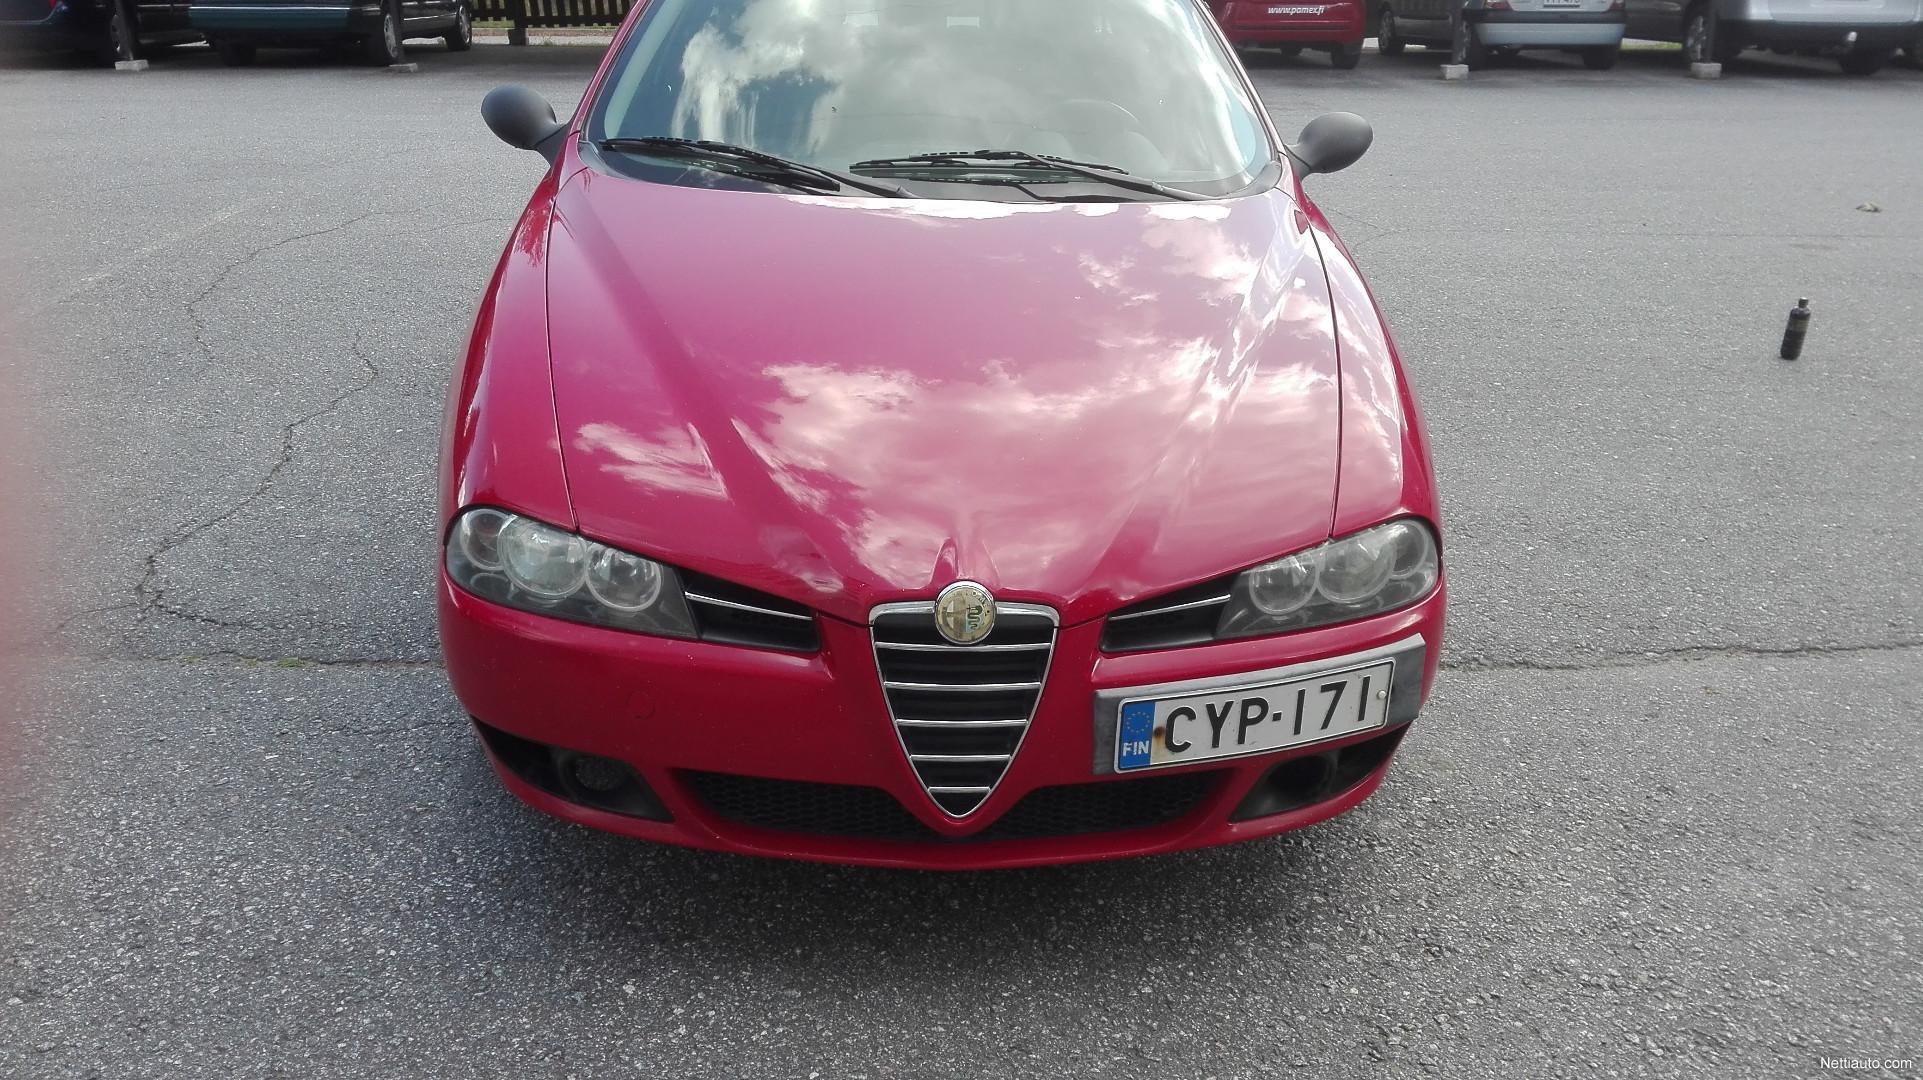 Alfa Romeo 156 2 0 JTS Sportwagon Station Wagon 2005 Used vehicle